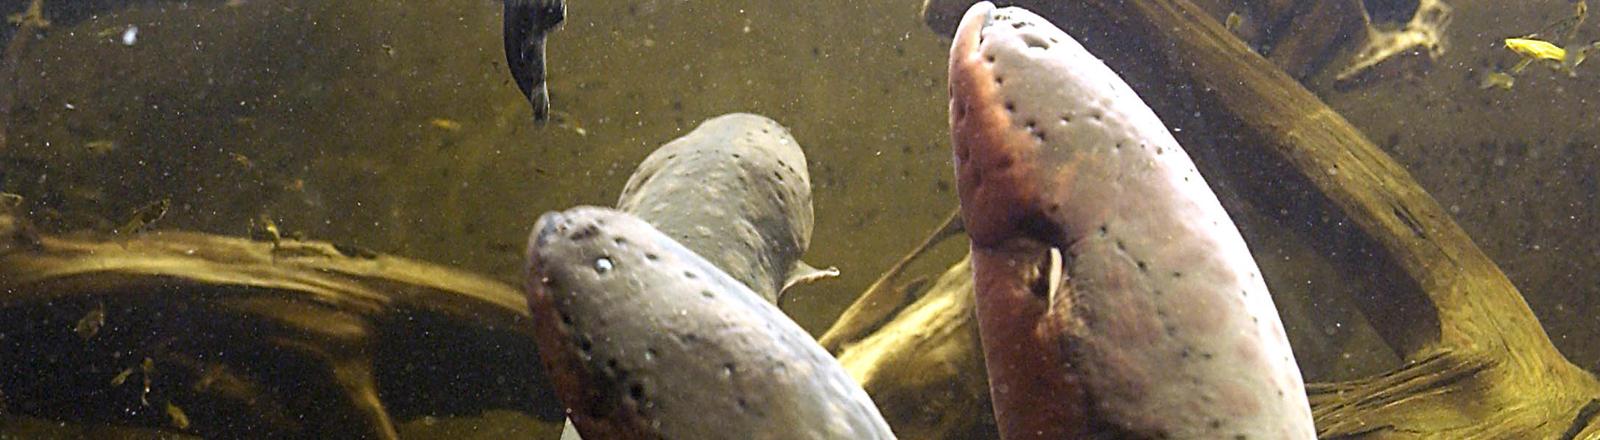 Zitteraale in einem Aquarium